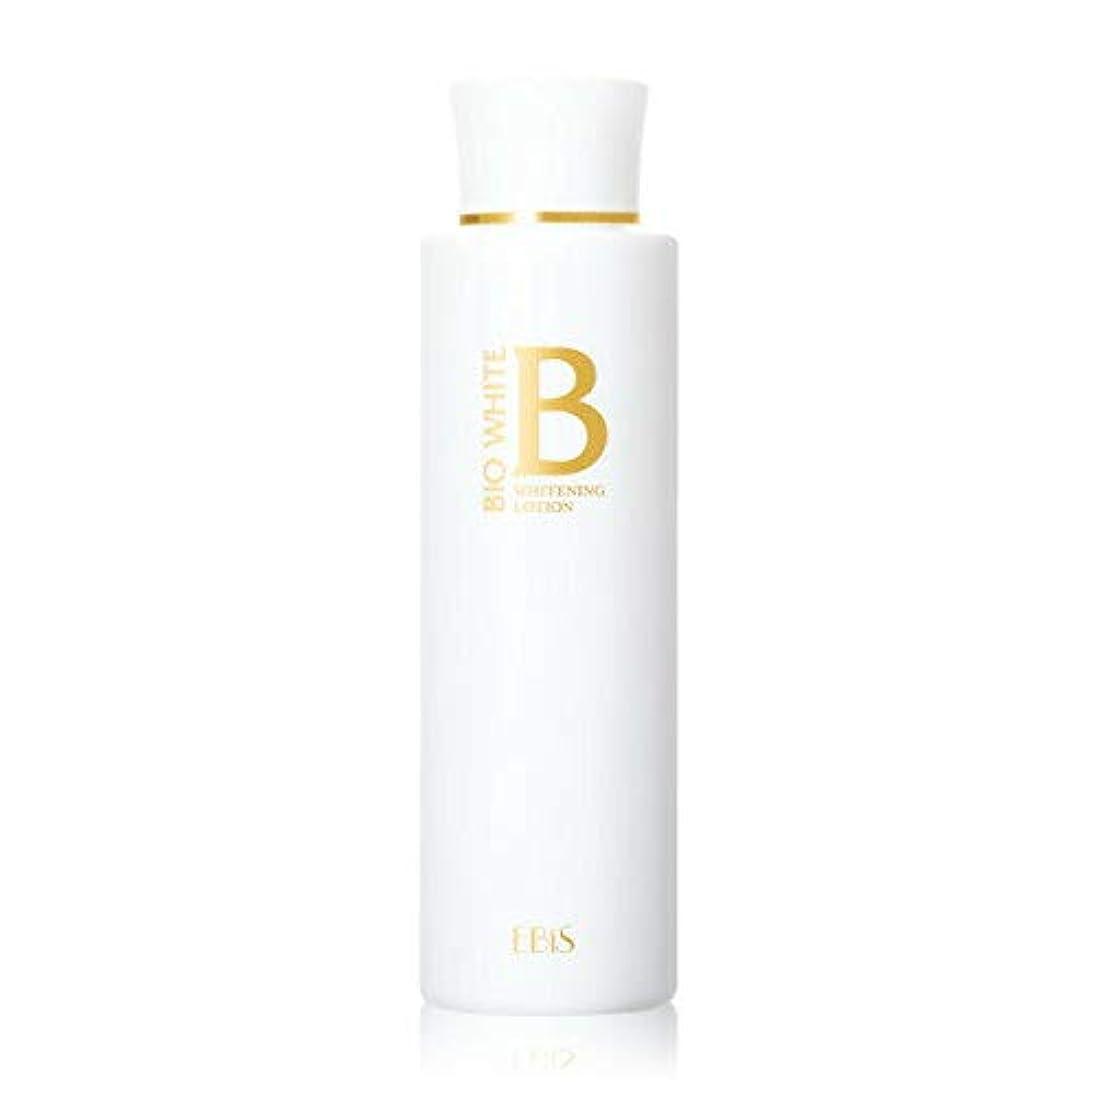 ビュッフェアクセント講師エビス化粧品(EBiS) エビス ビーホワイトローション 150ml 美白化粧水 トラネキサム酸 配合 医薬部外品